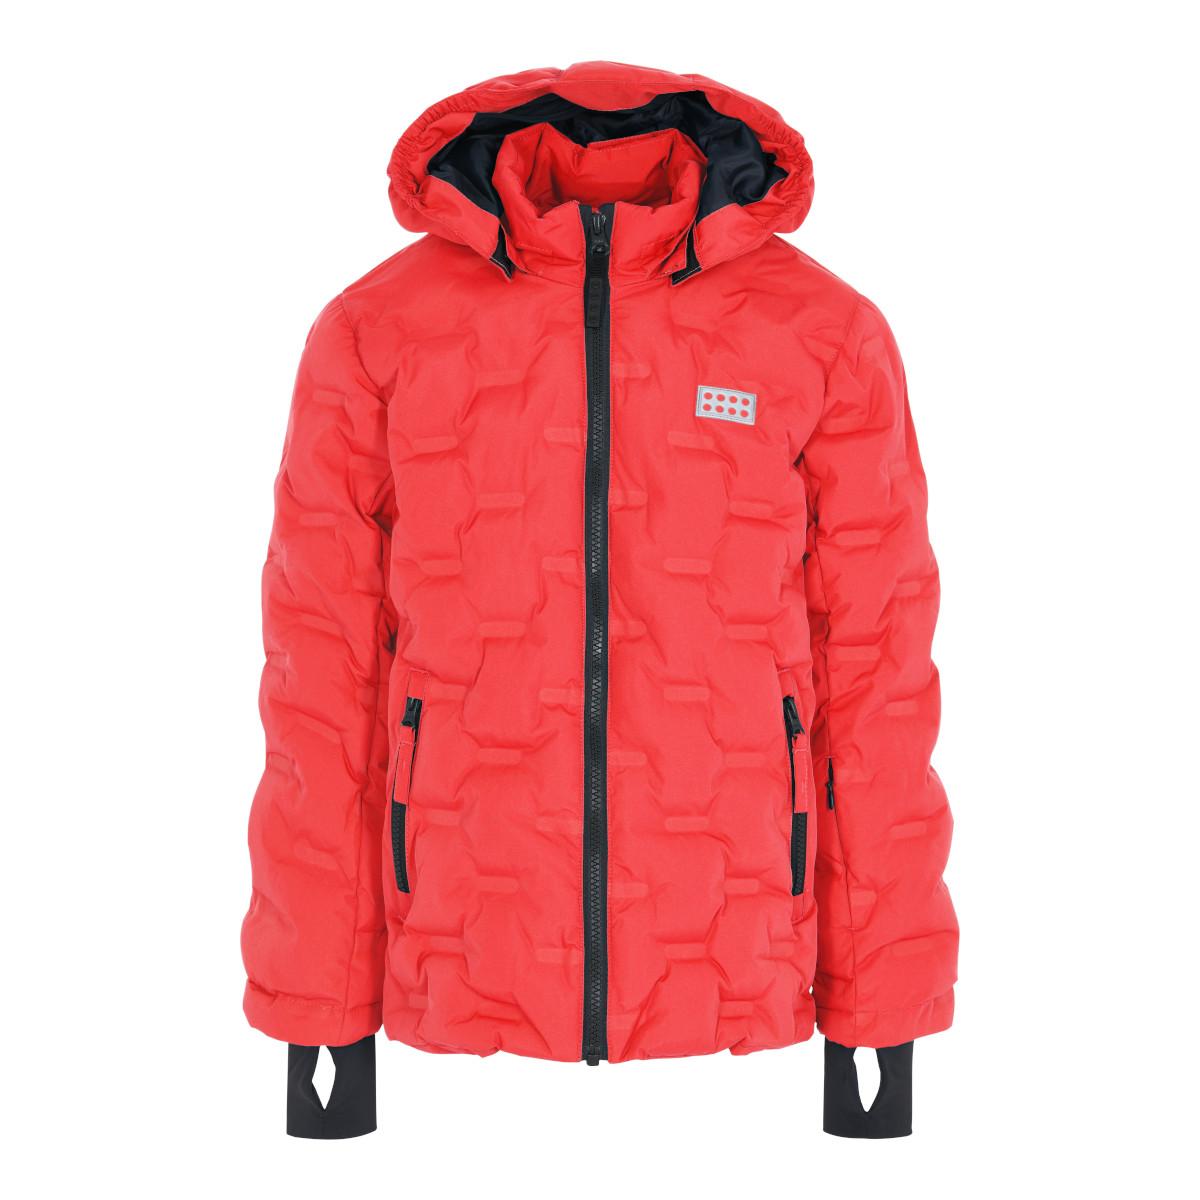 LEGO Wear LWJipe 706 Kinder Jacke - Coral Red